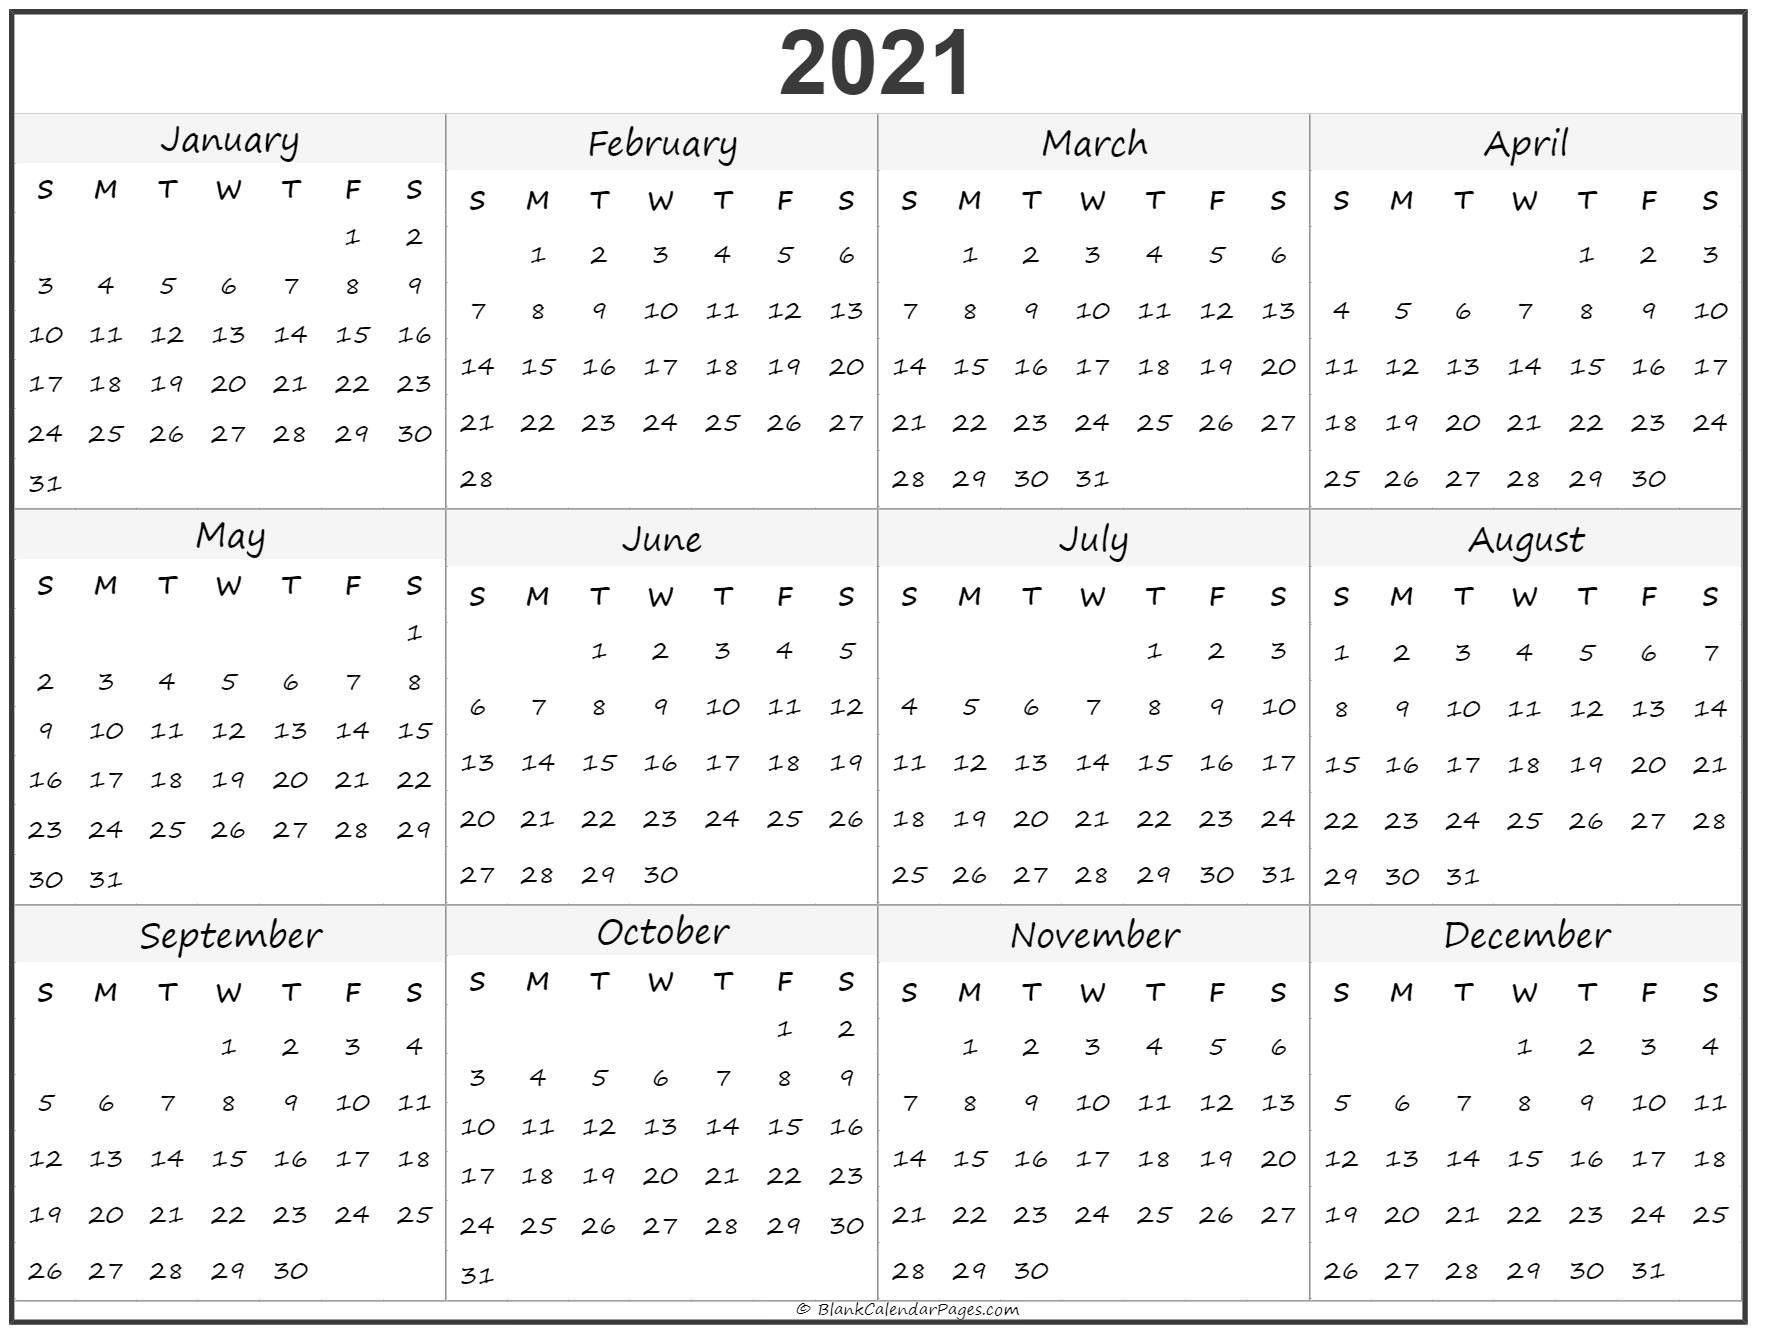 Fillable Calendar 2021 | Printable Calendar Design